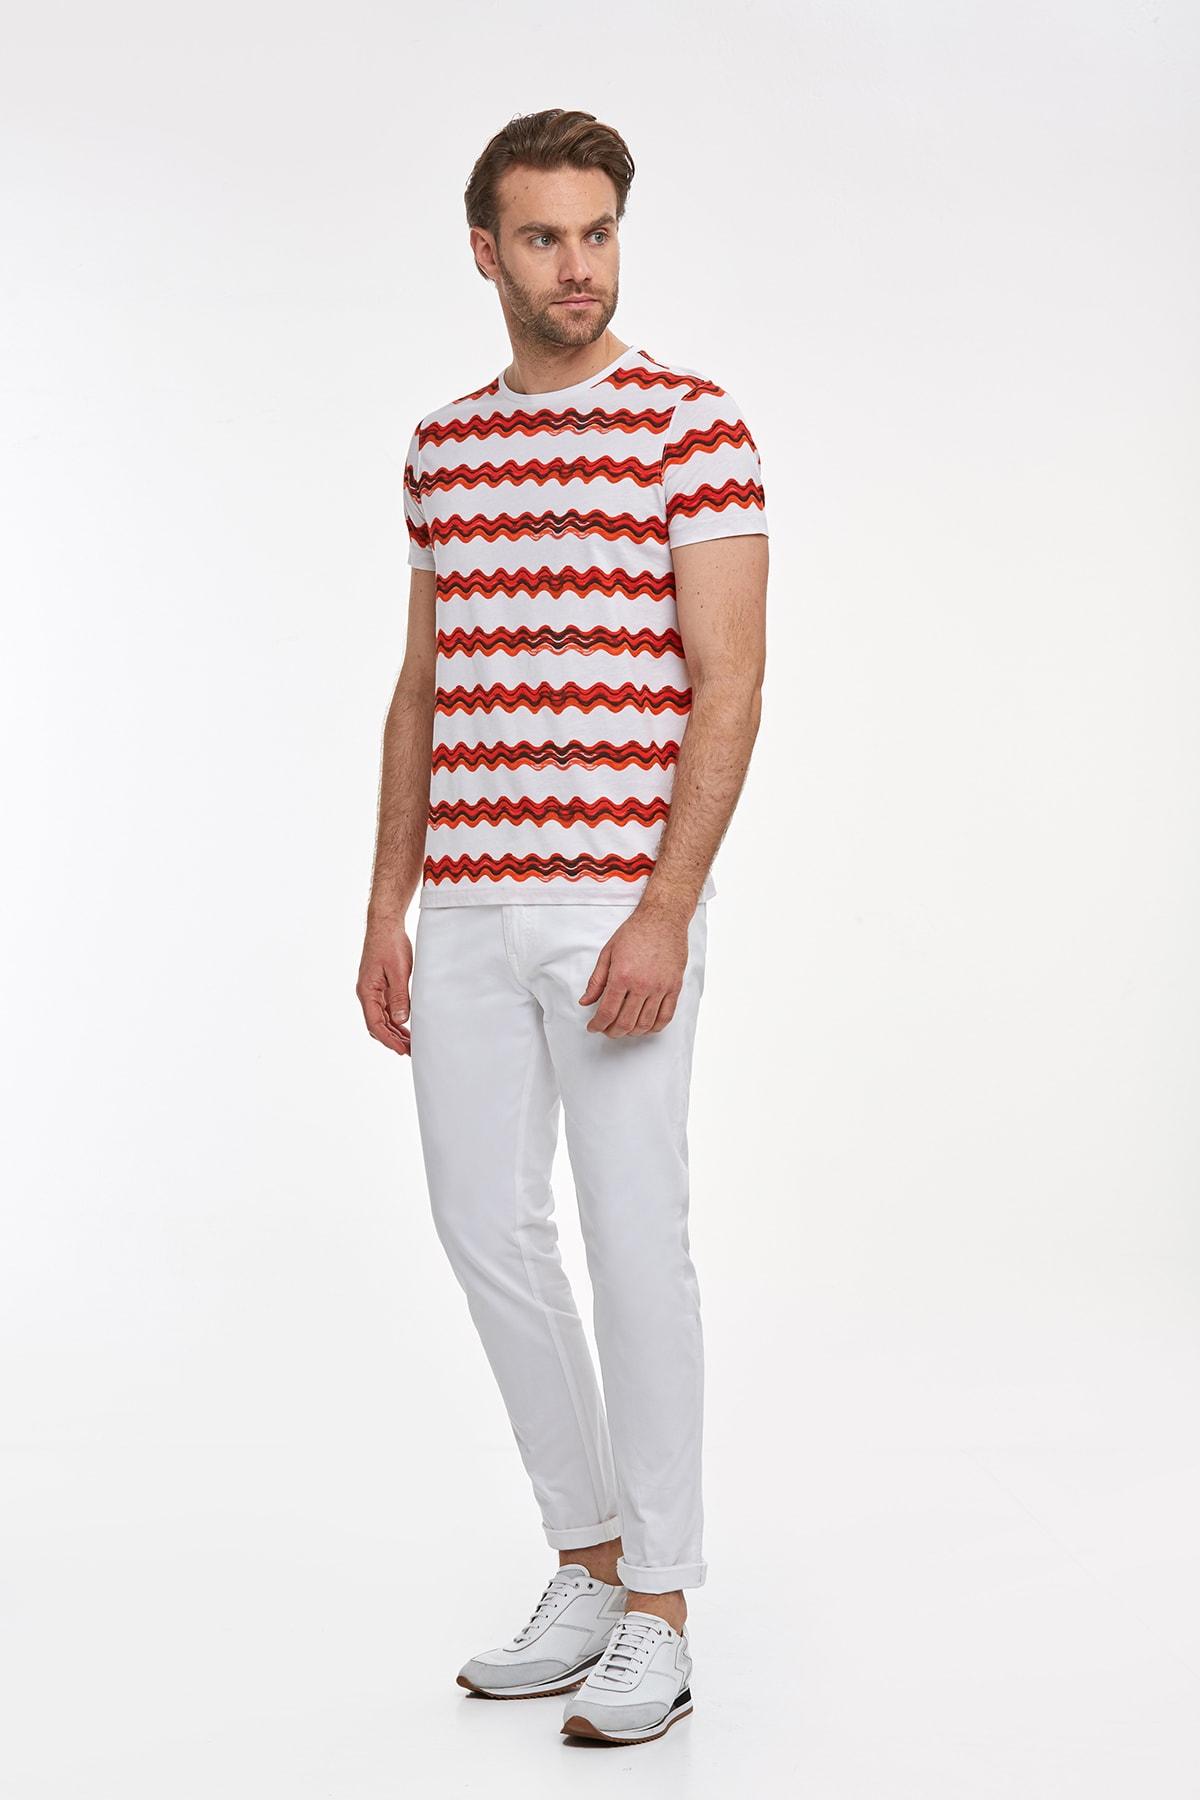 Hemington Erkek Kırmızı Desenli Bisiklet Yaka T-shirt 2